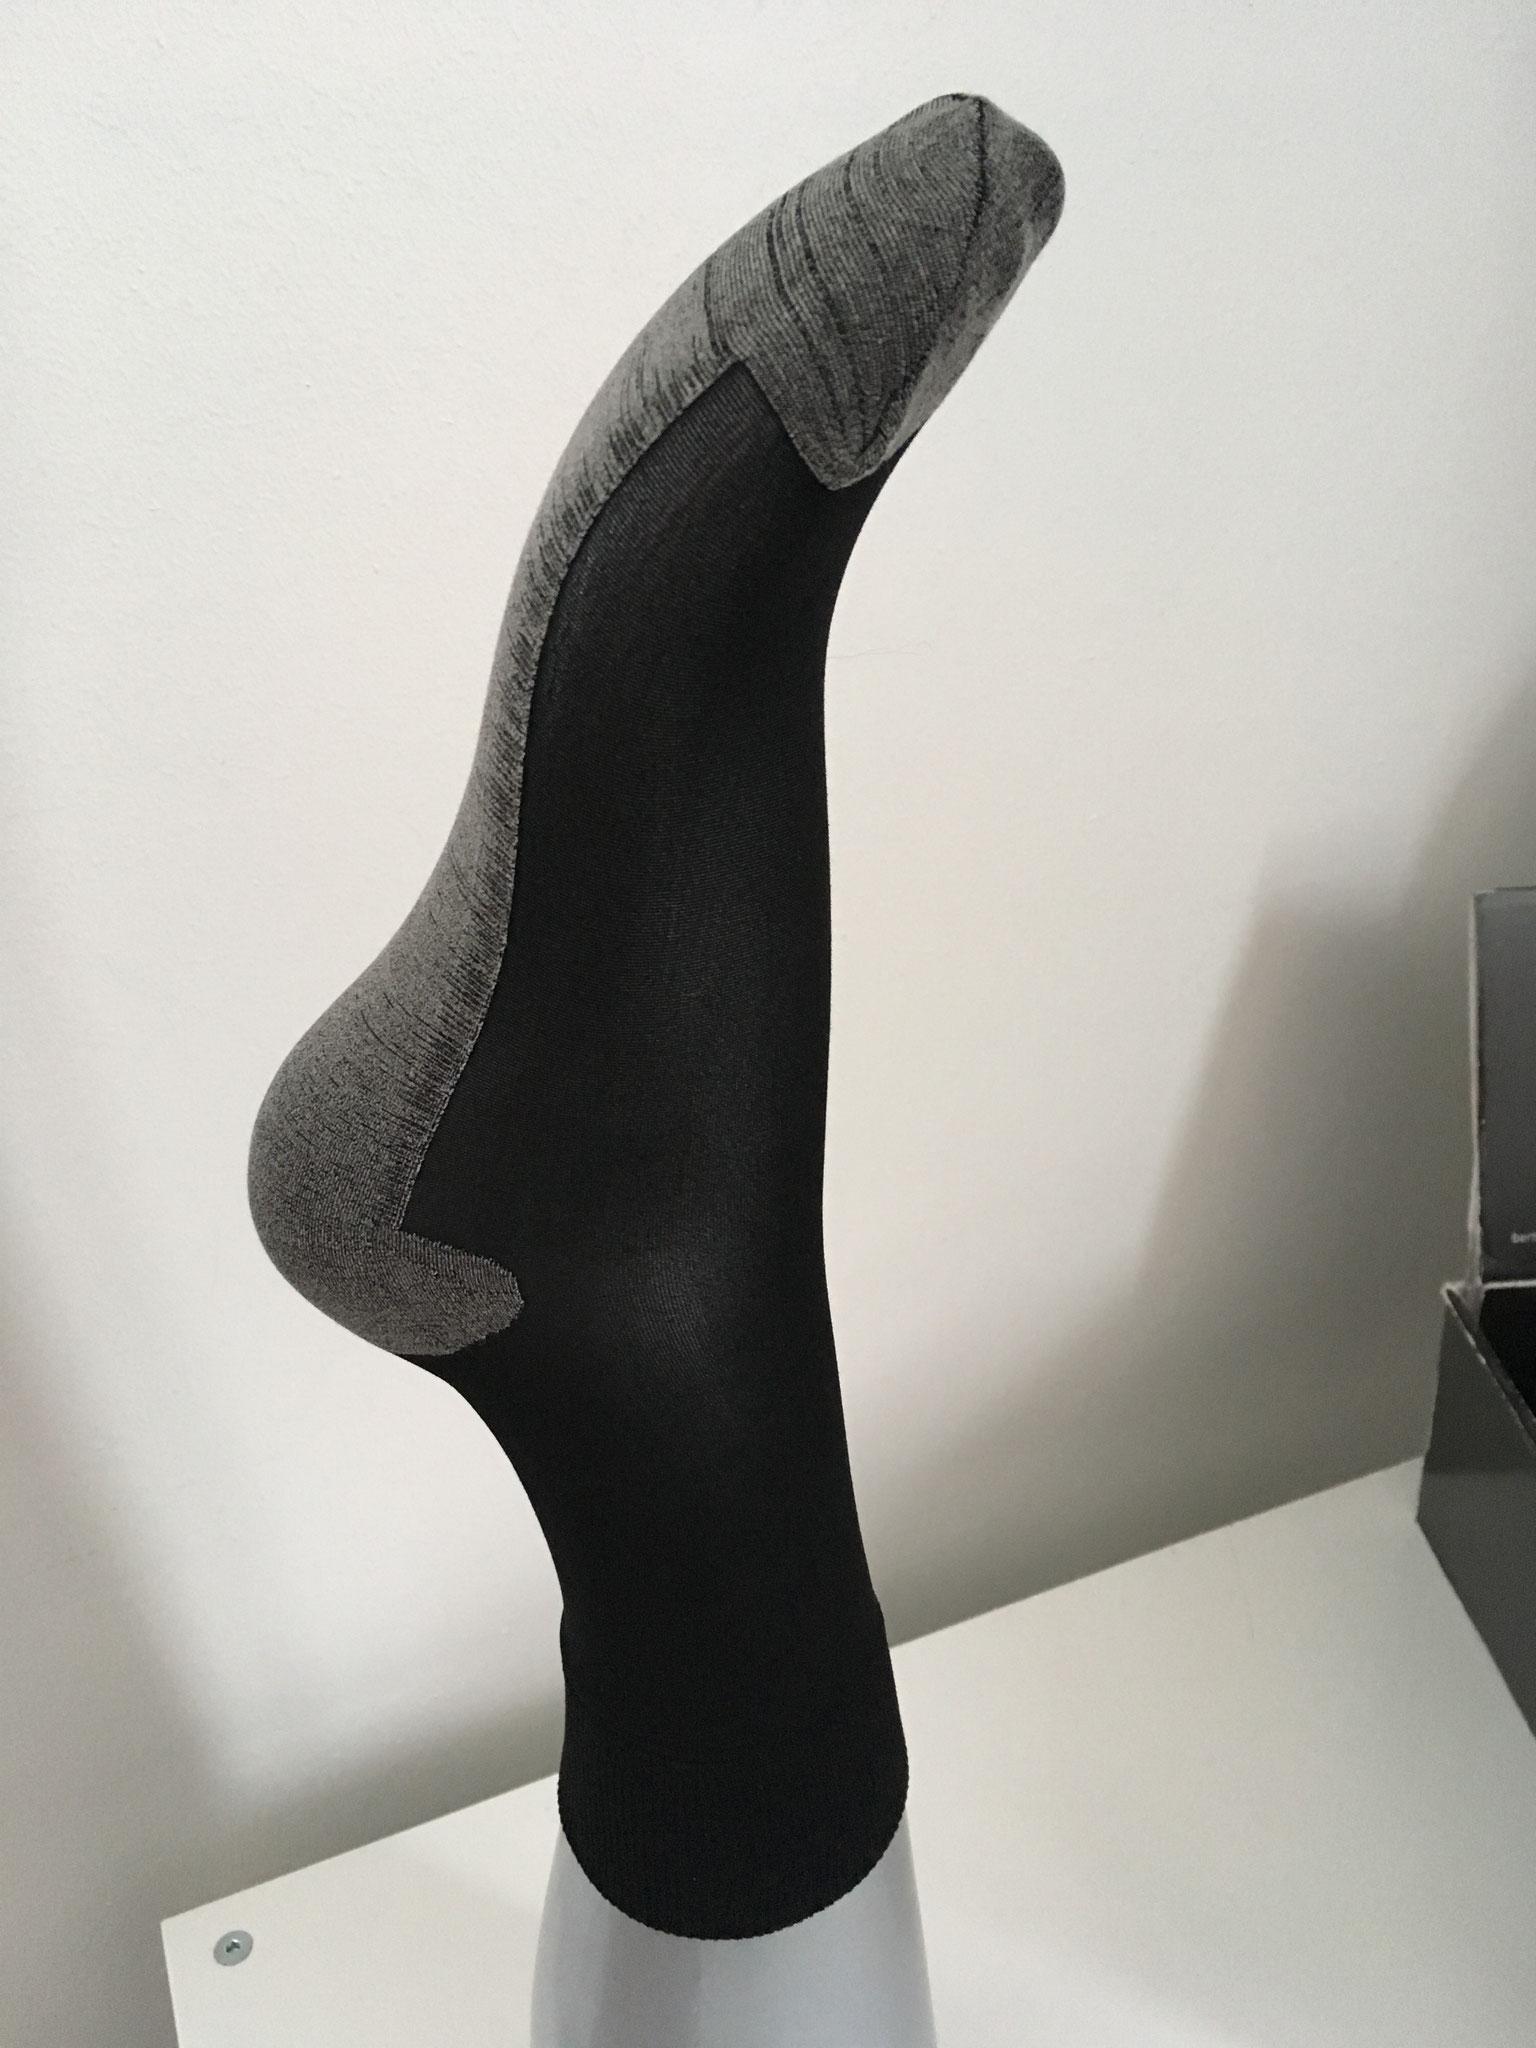 Strumpfsöckli 40 Den mit Baumwollsohle transparent oder schwarz (CHF 12.-) dieselben als Kniestrumpfsocken (CHF 13.-)